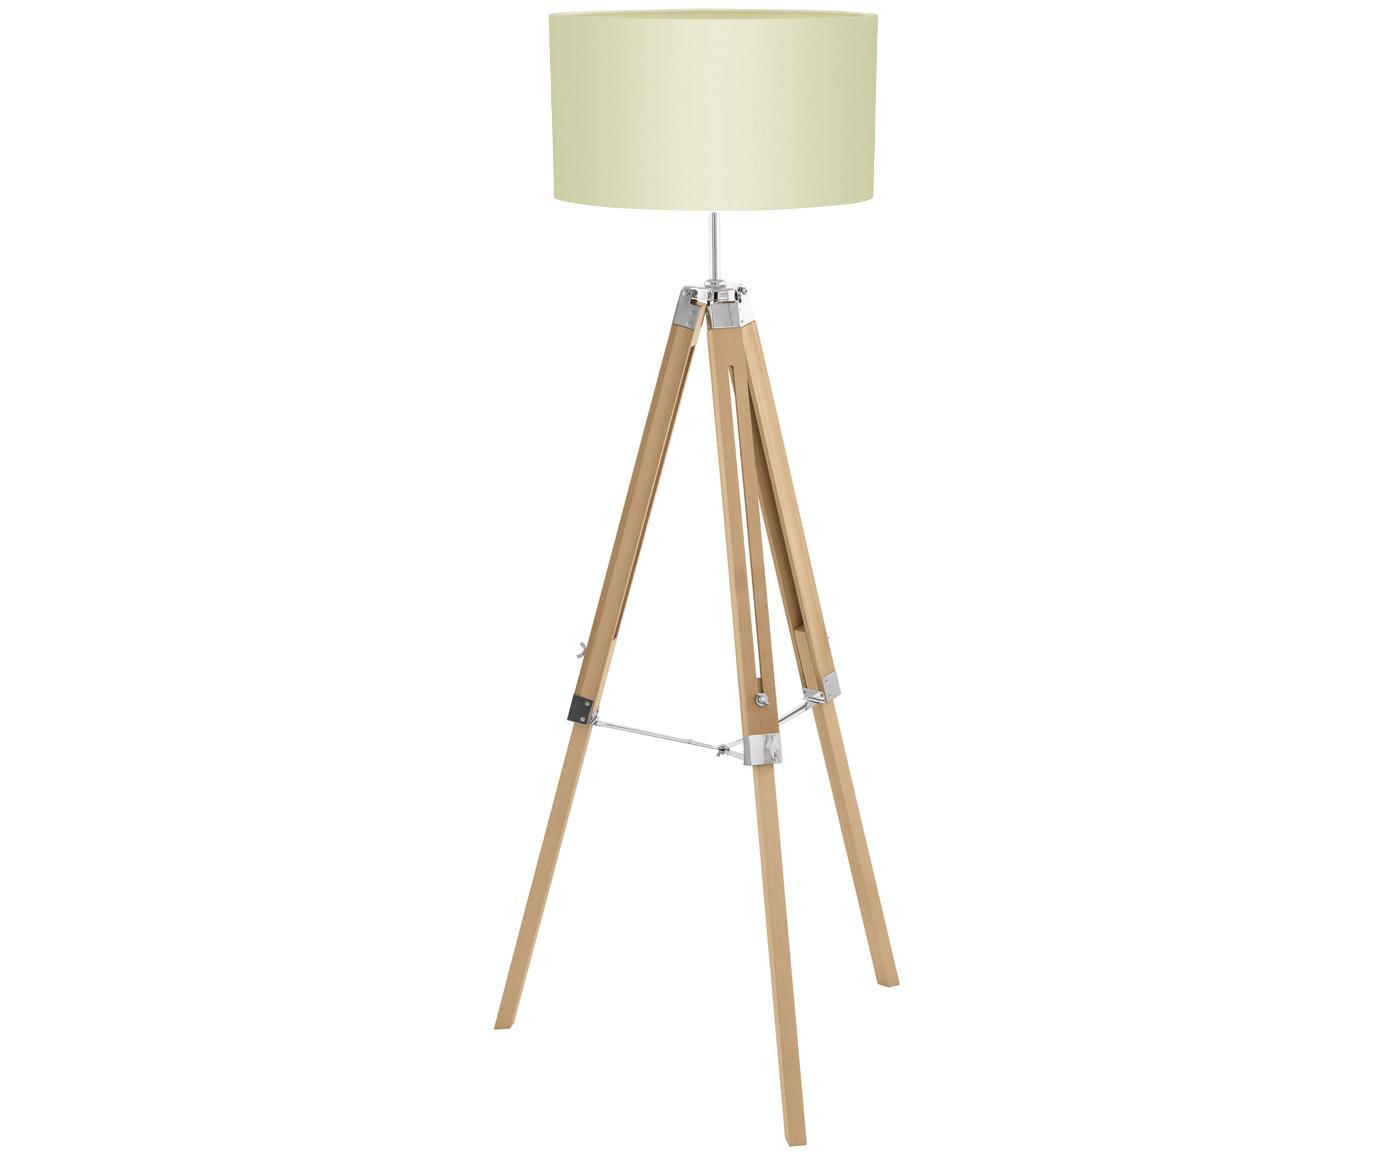 Lampa podłogowa z drewna z regulacją wysokości Lantada, Kremowy, brązowy, Ø 70 x W 150 cm